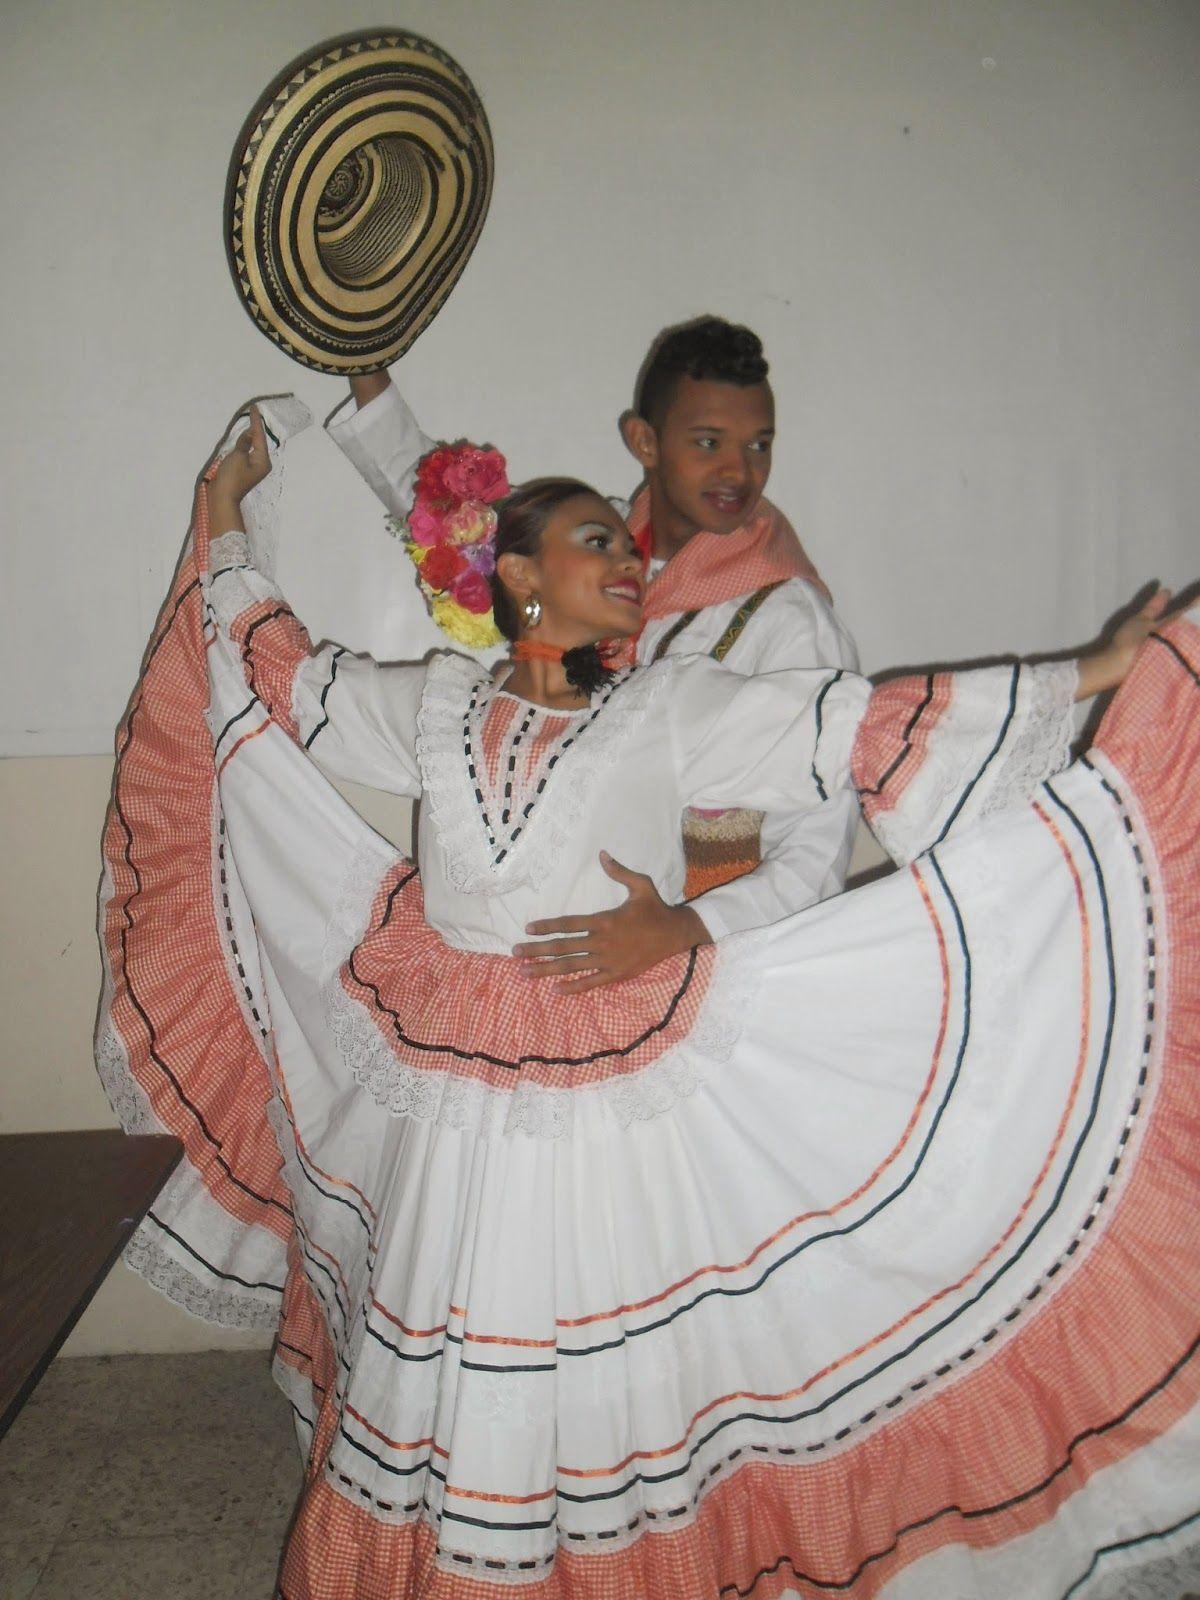 659fedfaa fotos de trajes para cumbia colombiana - Buscar con Google | trajes ...